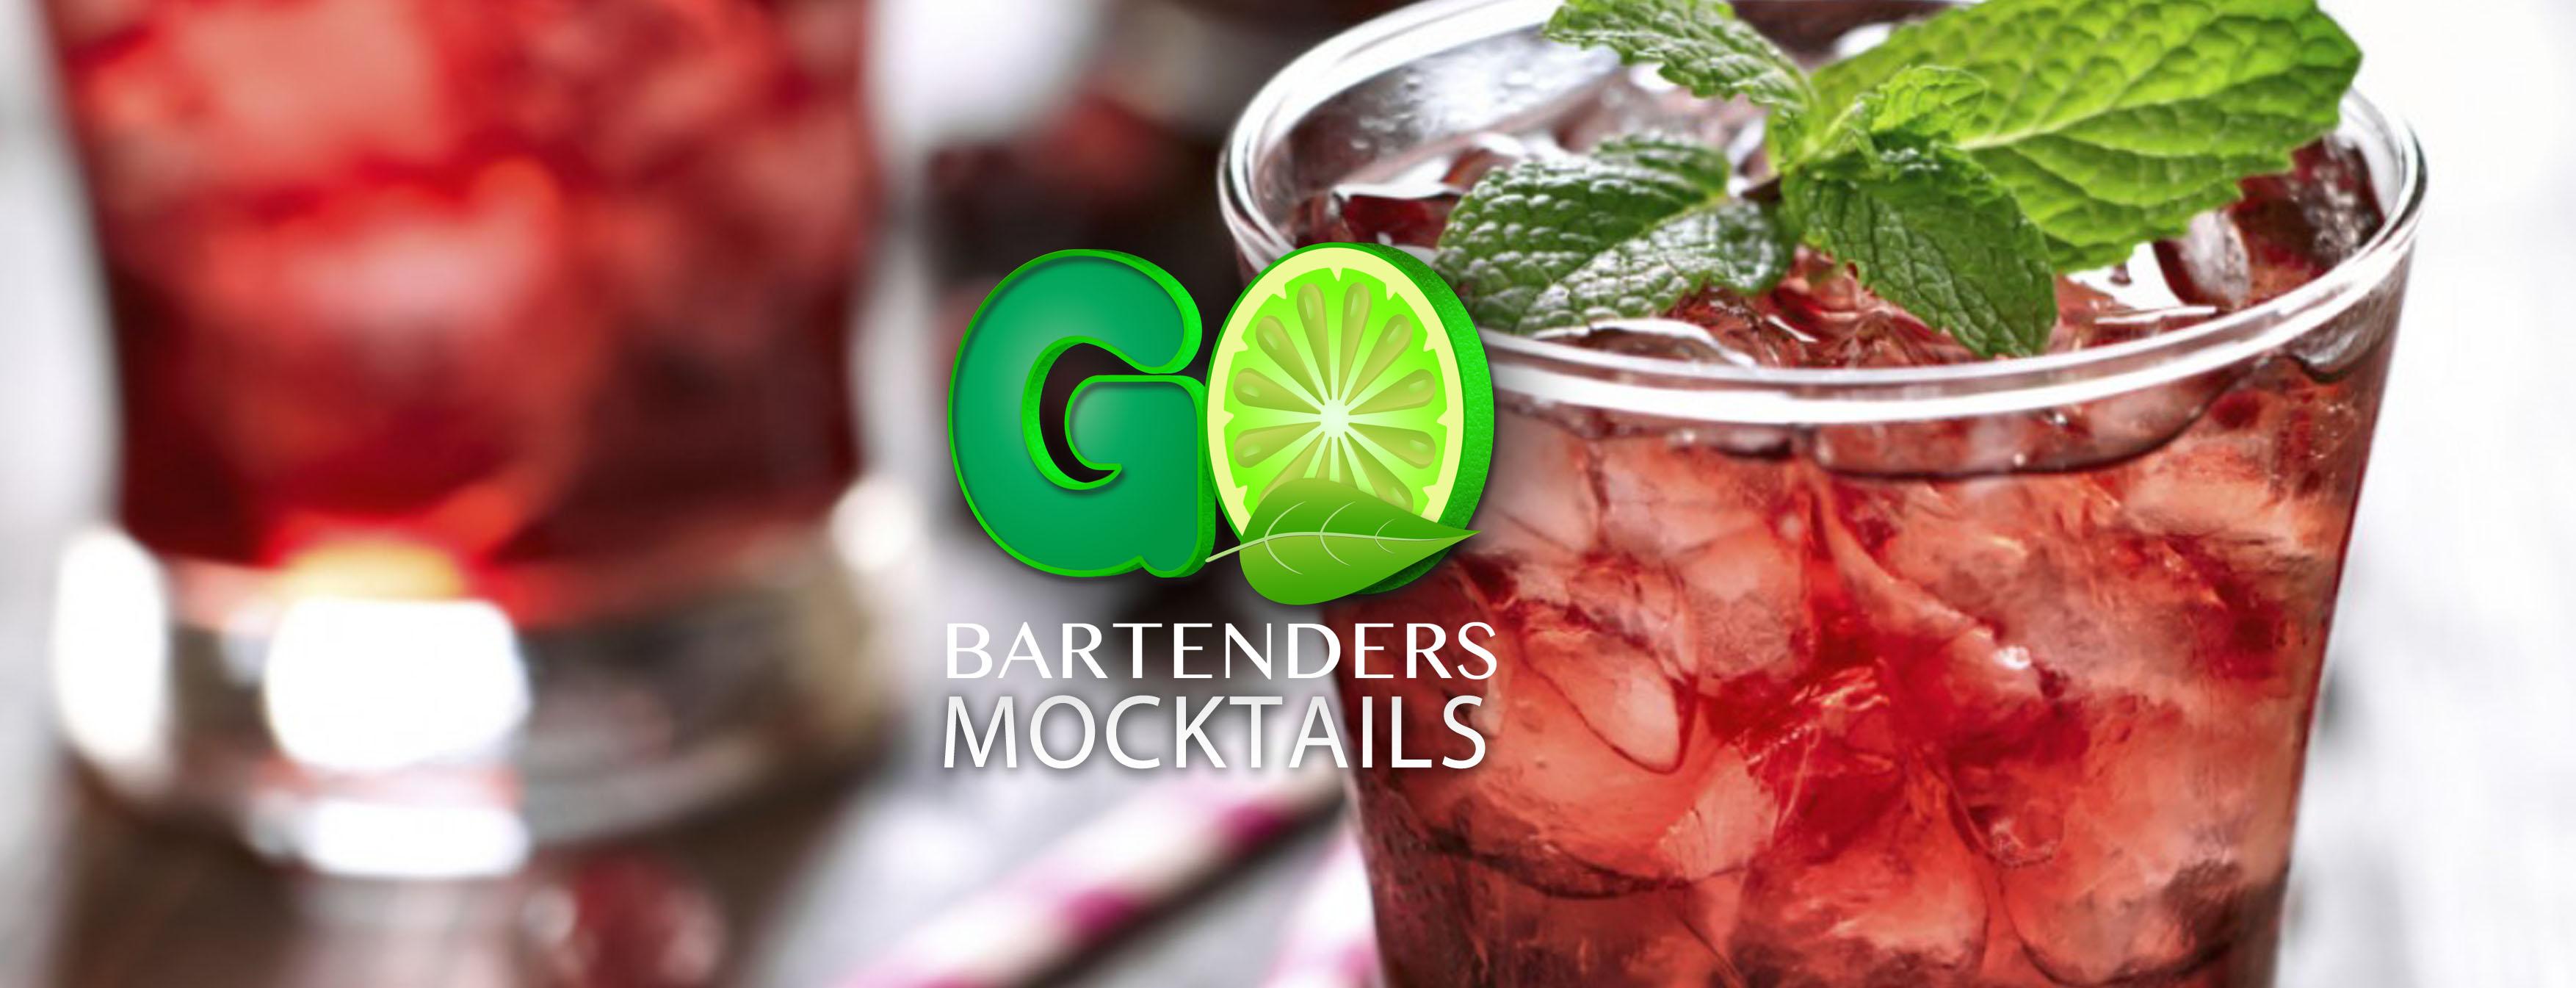 Mocktails menu.jpg